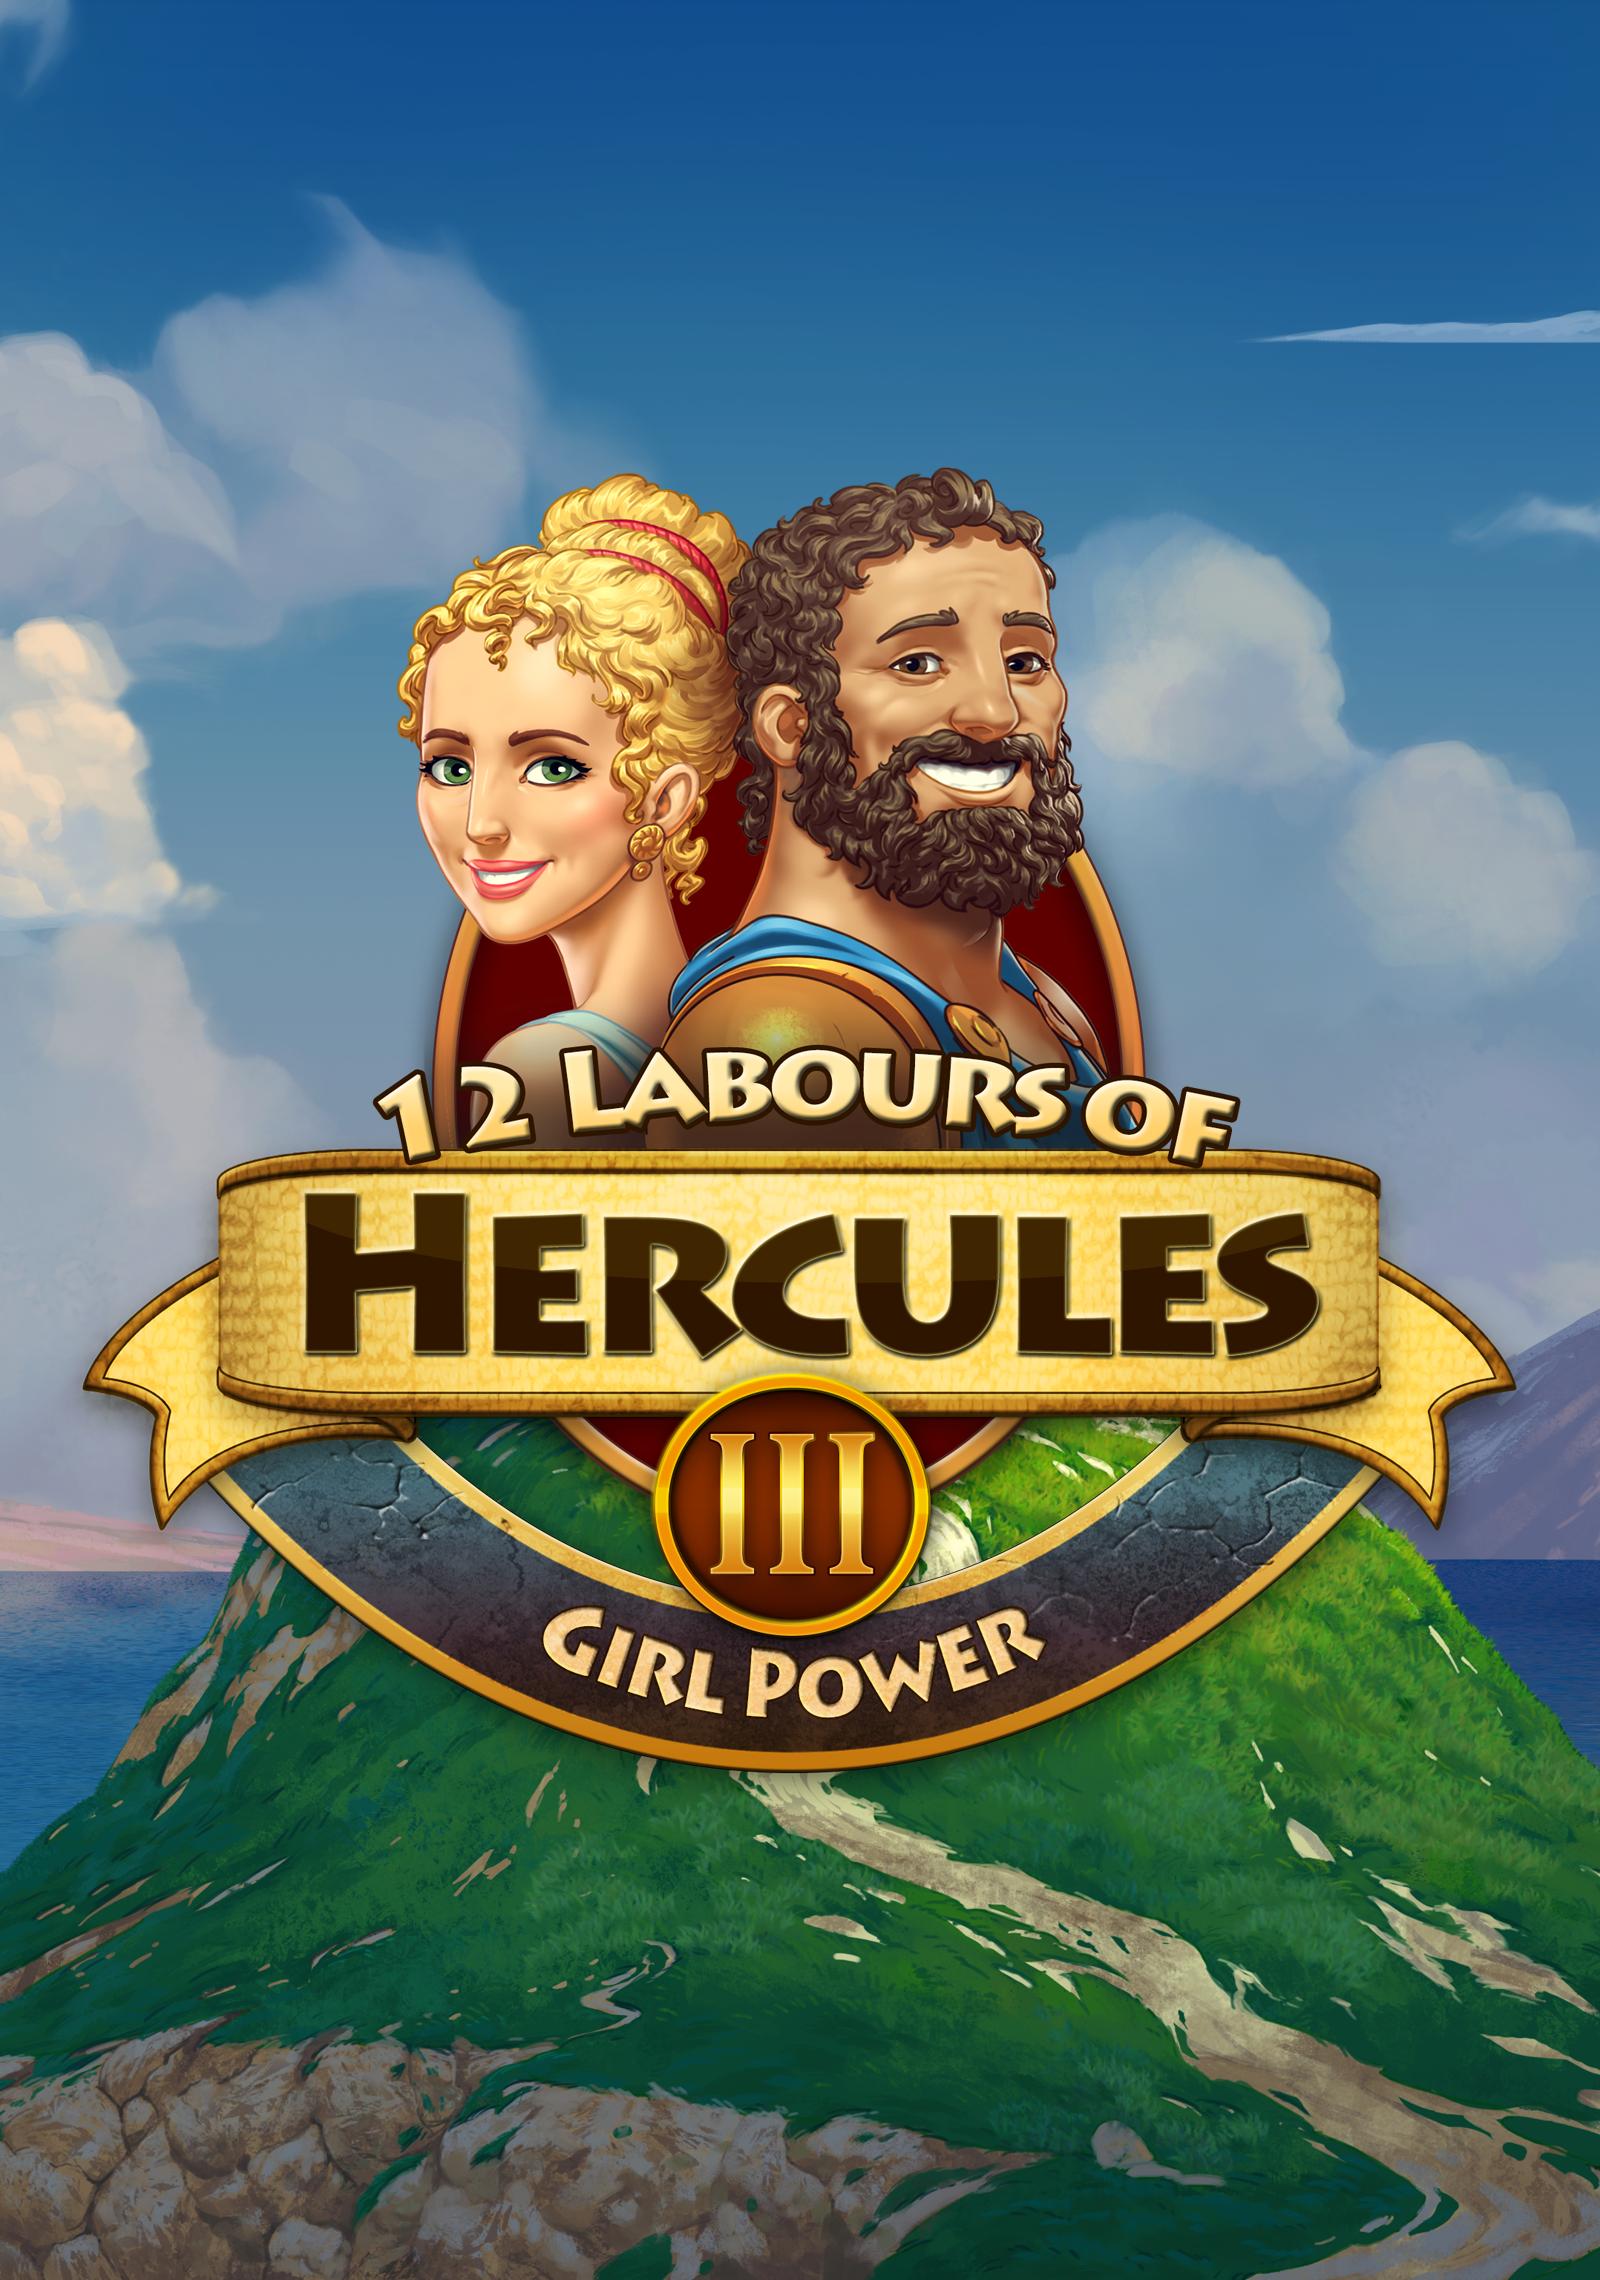 12 Labours Of Hercules Iii Girl Power Online Game Code